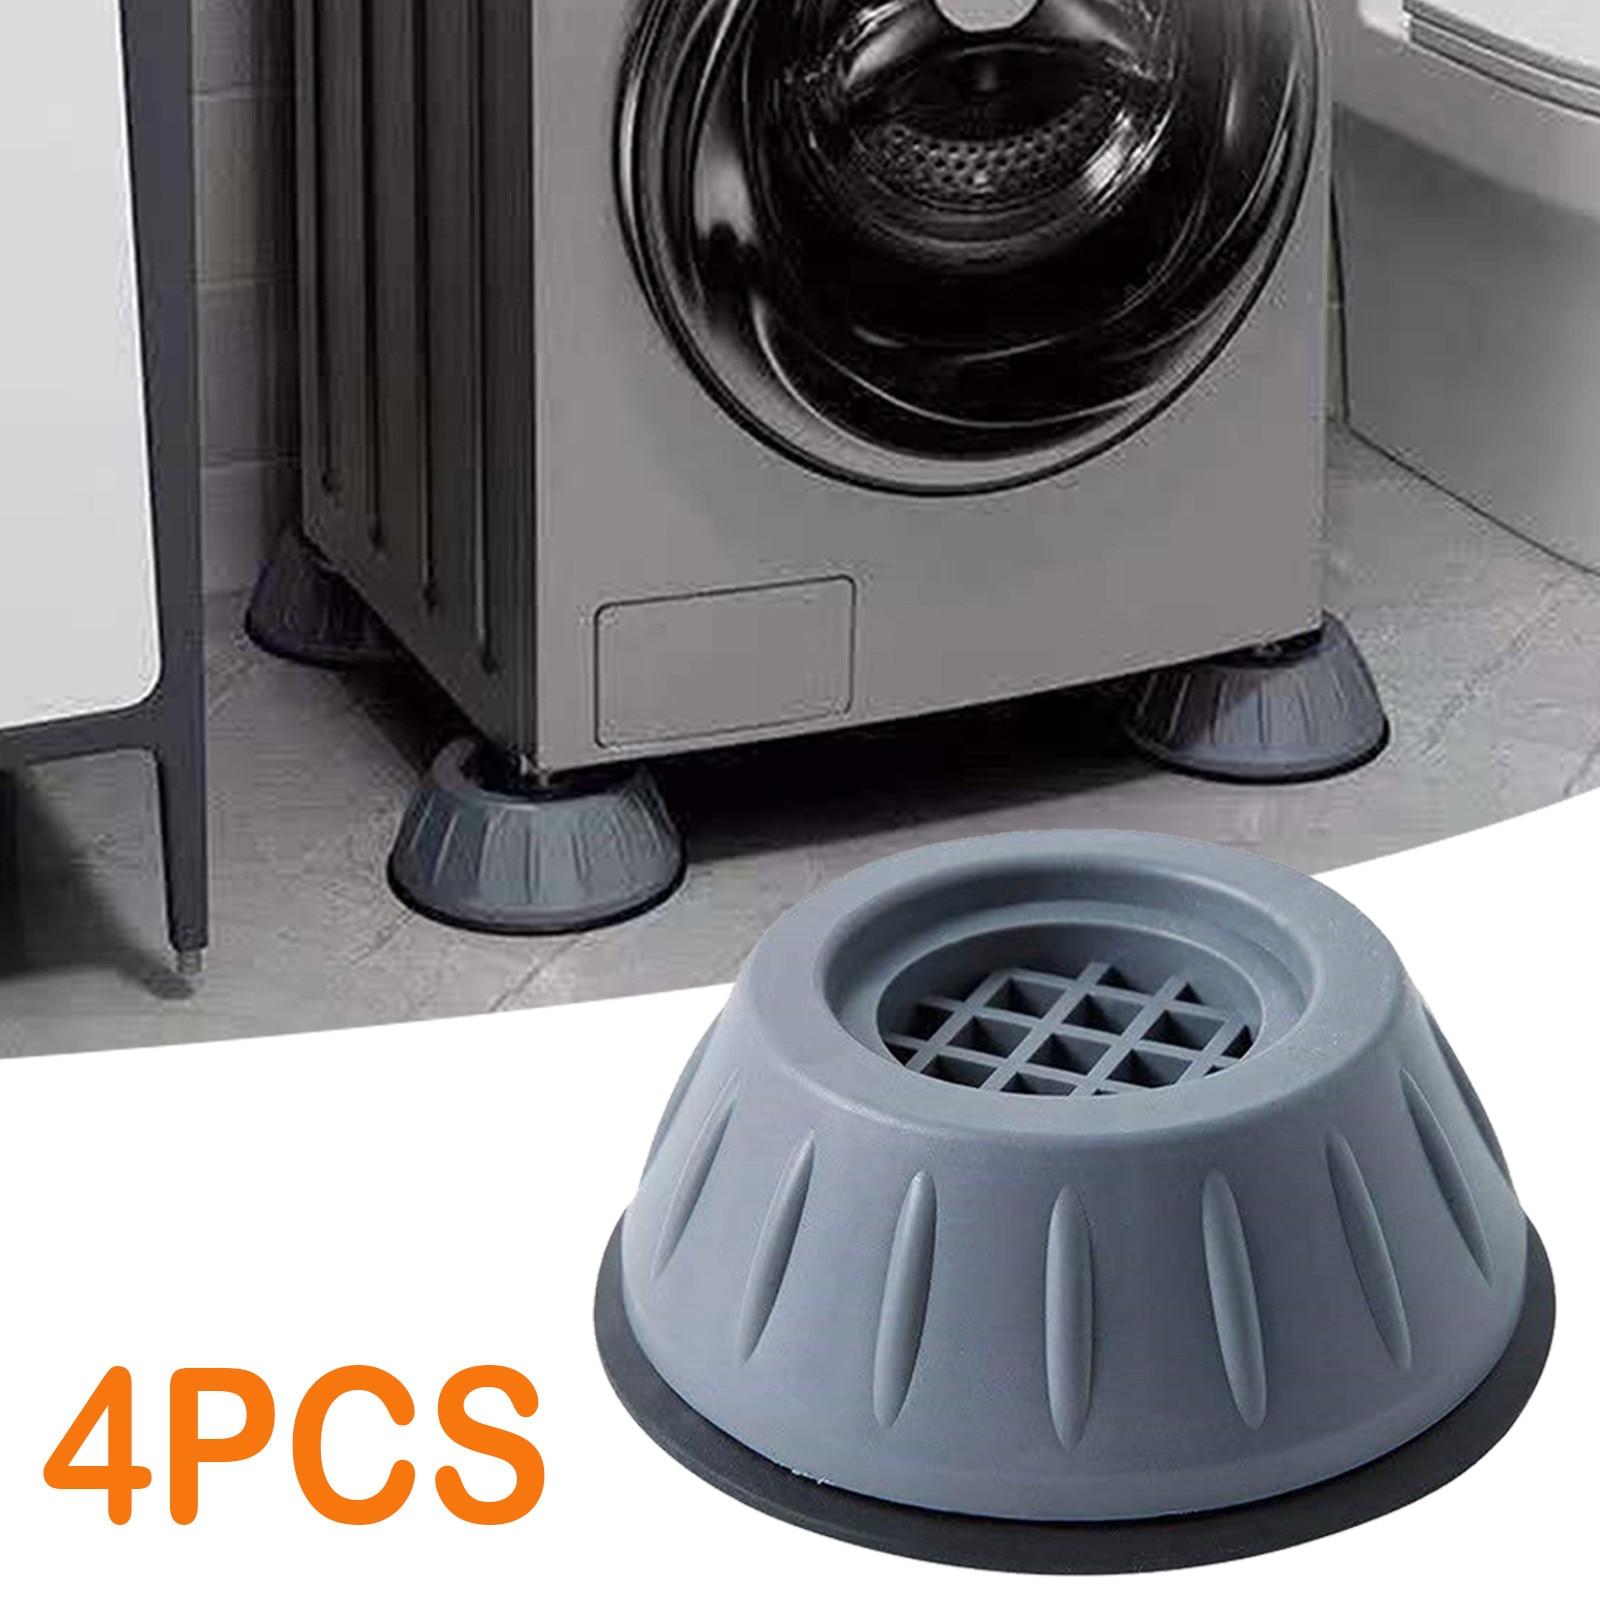 4pcs-universal-anti-vibration-feet-pads-washing-machine-rubber-mat-anti-vibration-pad-dryer-refrigerator-base-fixed-non-slip-pad